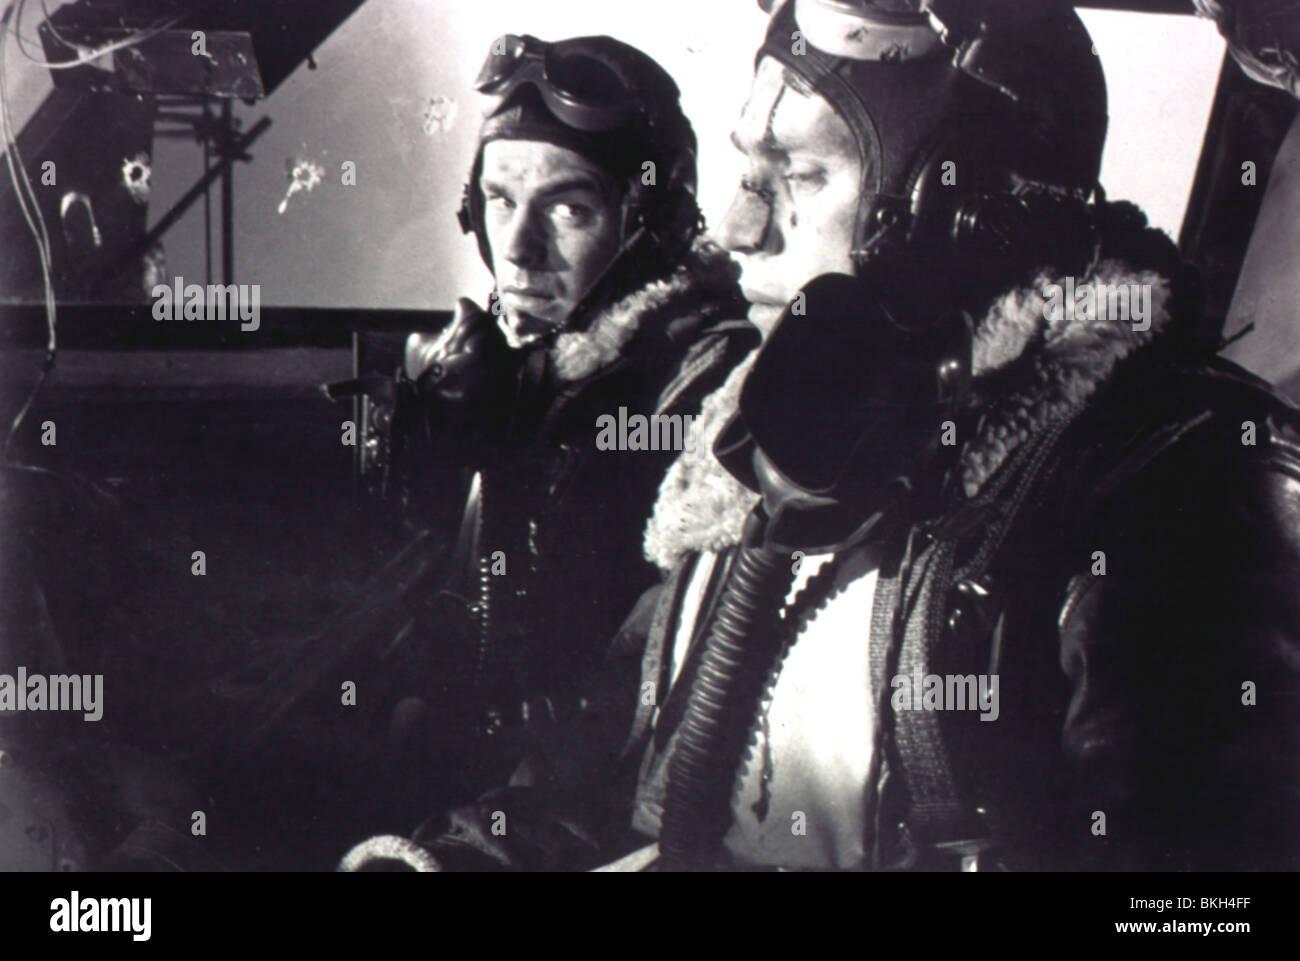 Film Movie Still Cinema Films Movies Stills Screen Shot War Stock